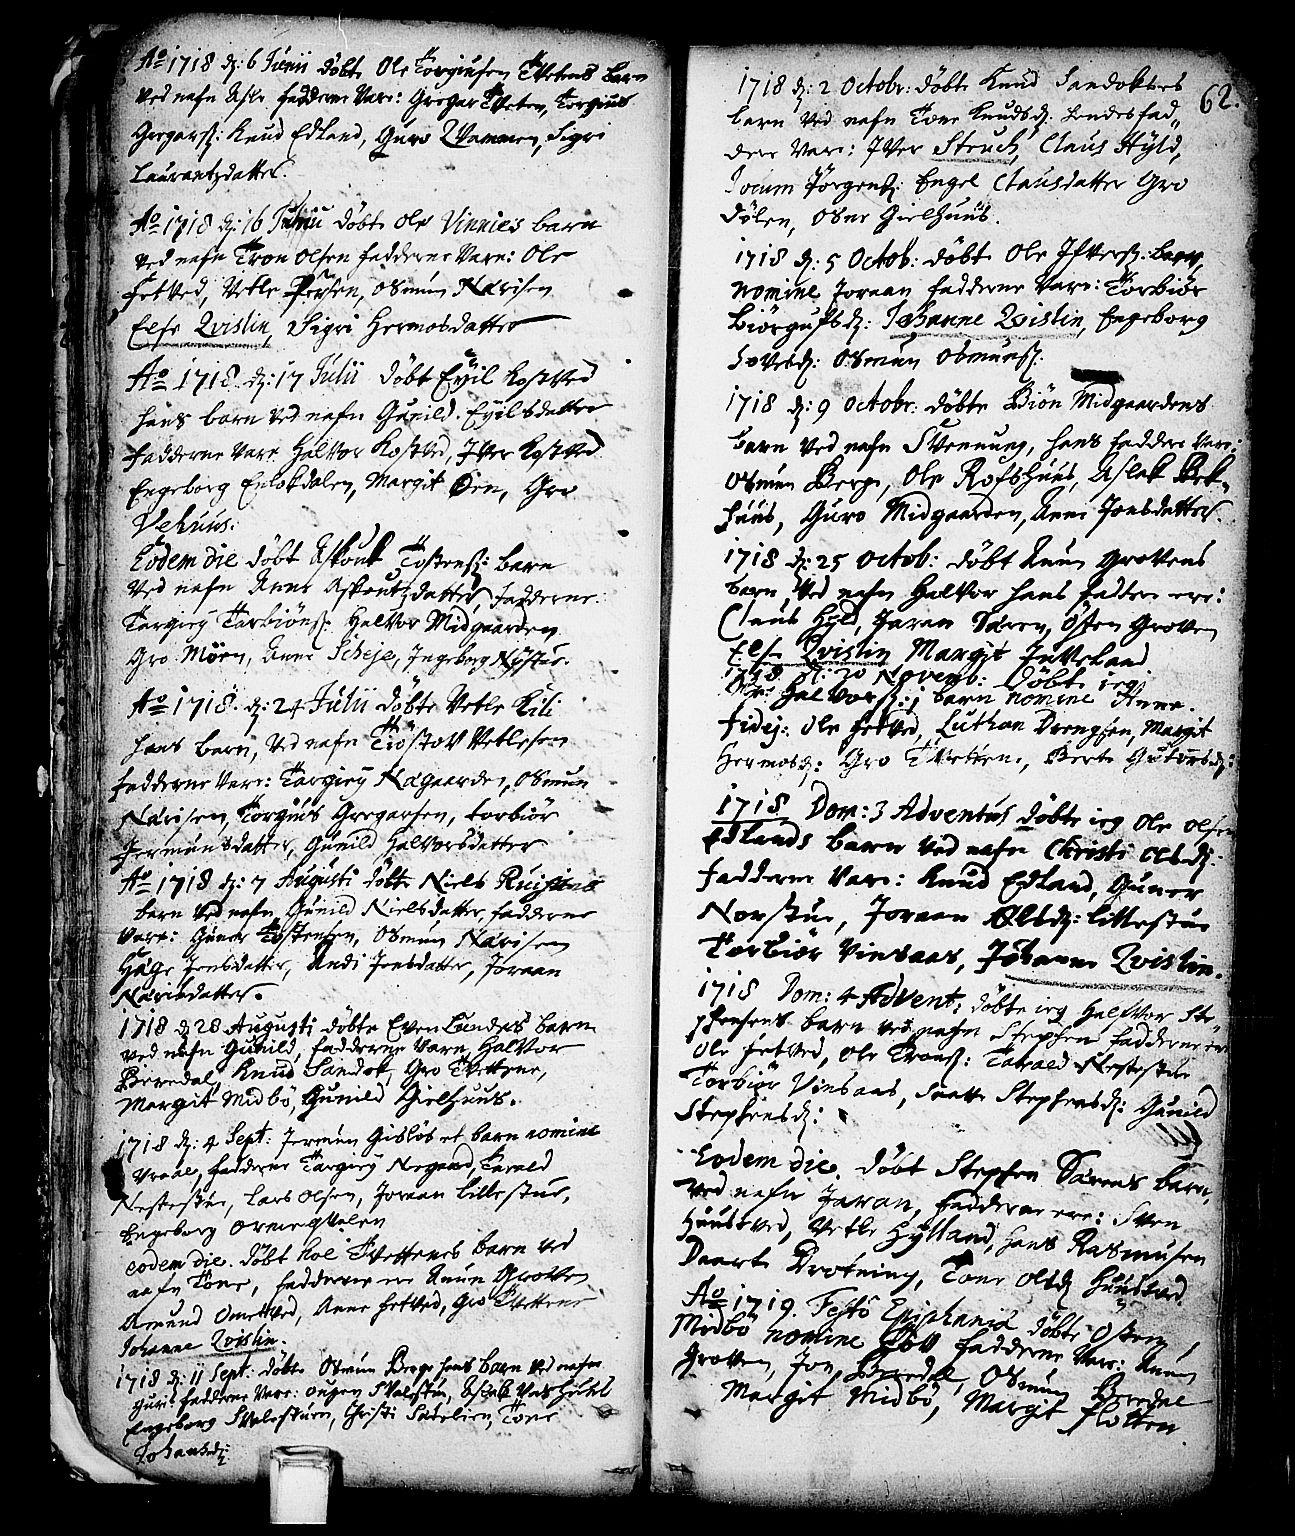 SAKO, Vinje kirkebøker, F/Fa/L0001: Ministerialbok nr. I 1, 1717-1766, s. 62